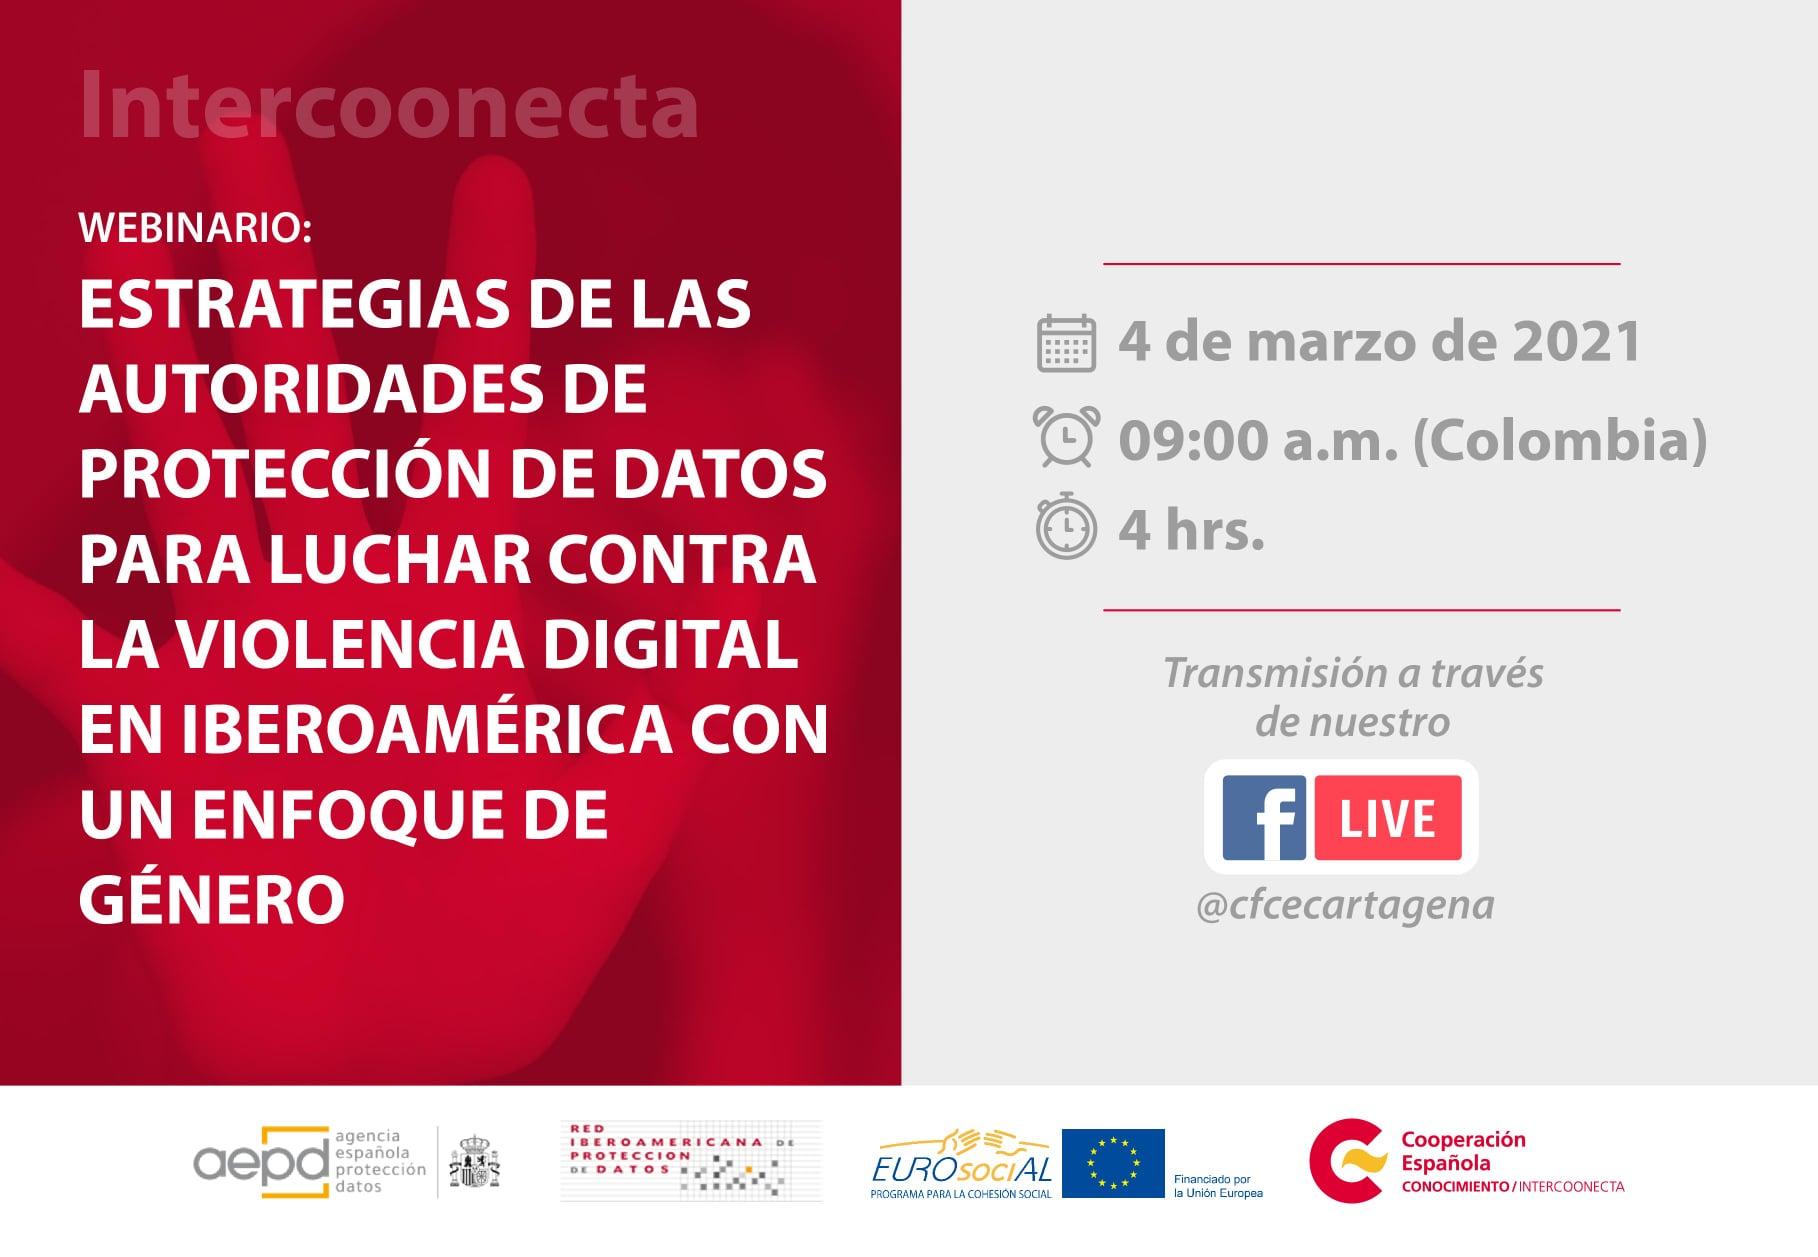 Estrategias de las autoridades de protección de datos para erradicar la violencia digital en Iberoamérica con perspectiva de género